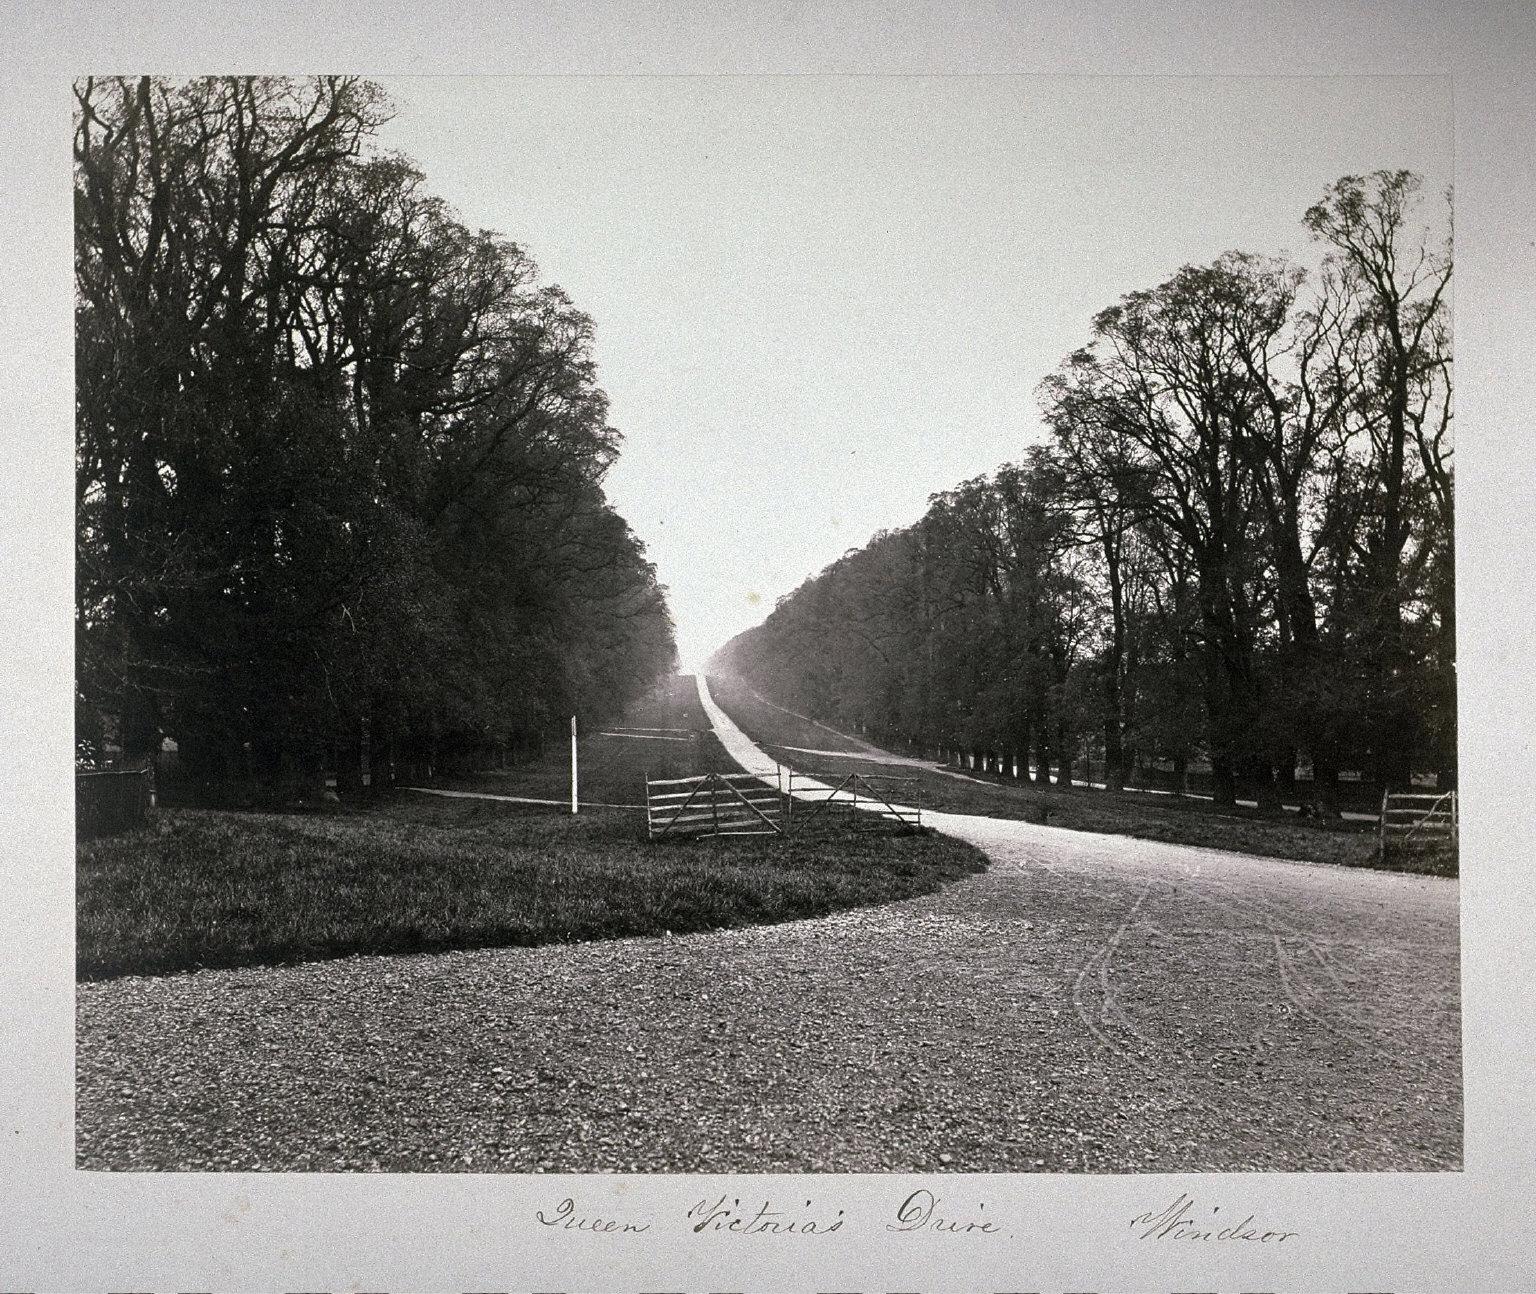 Queen Victorias Drive, Windsor